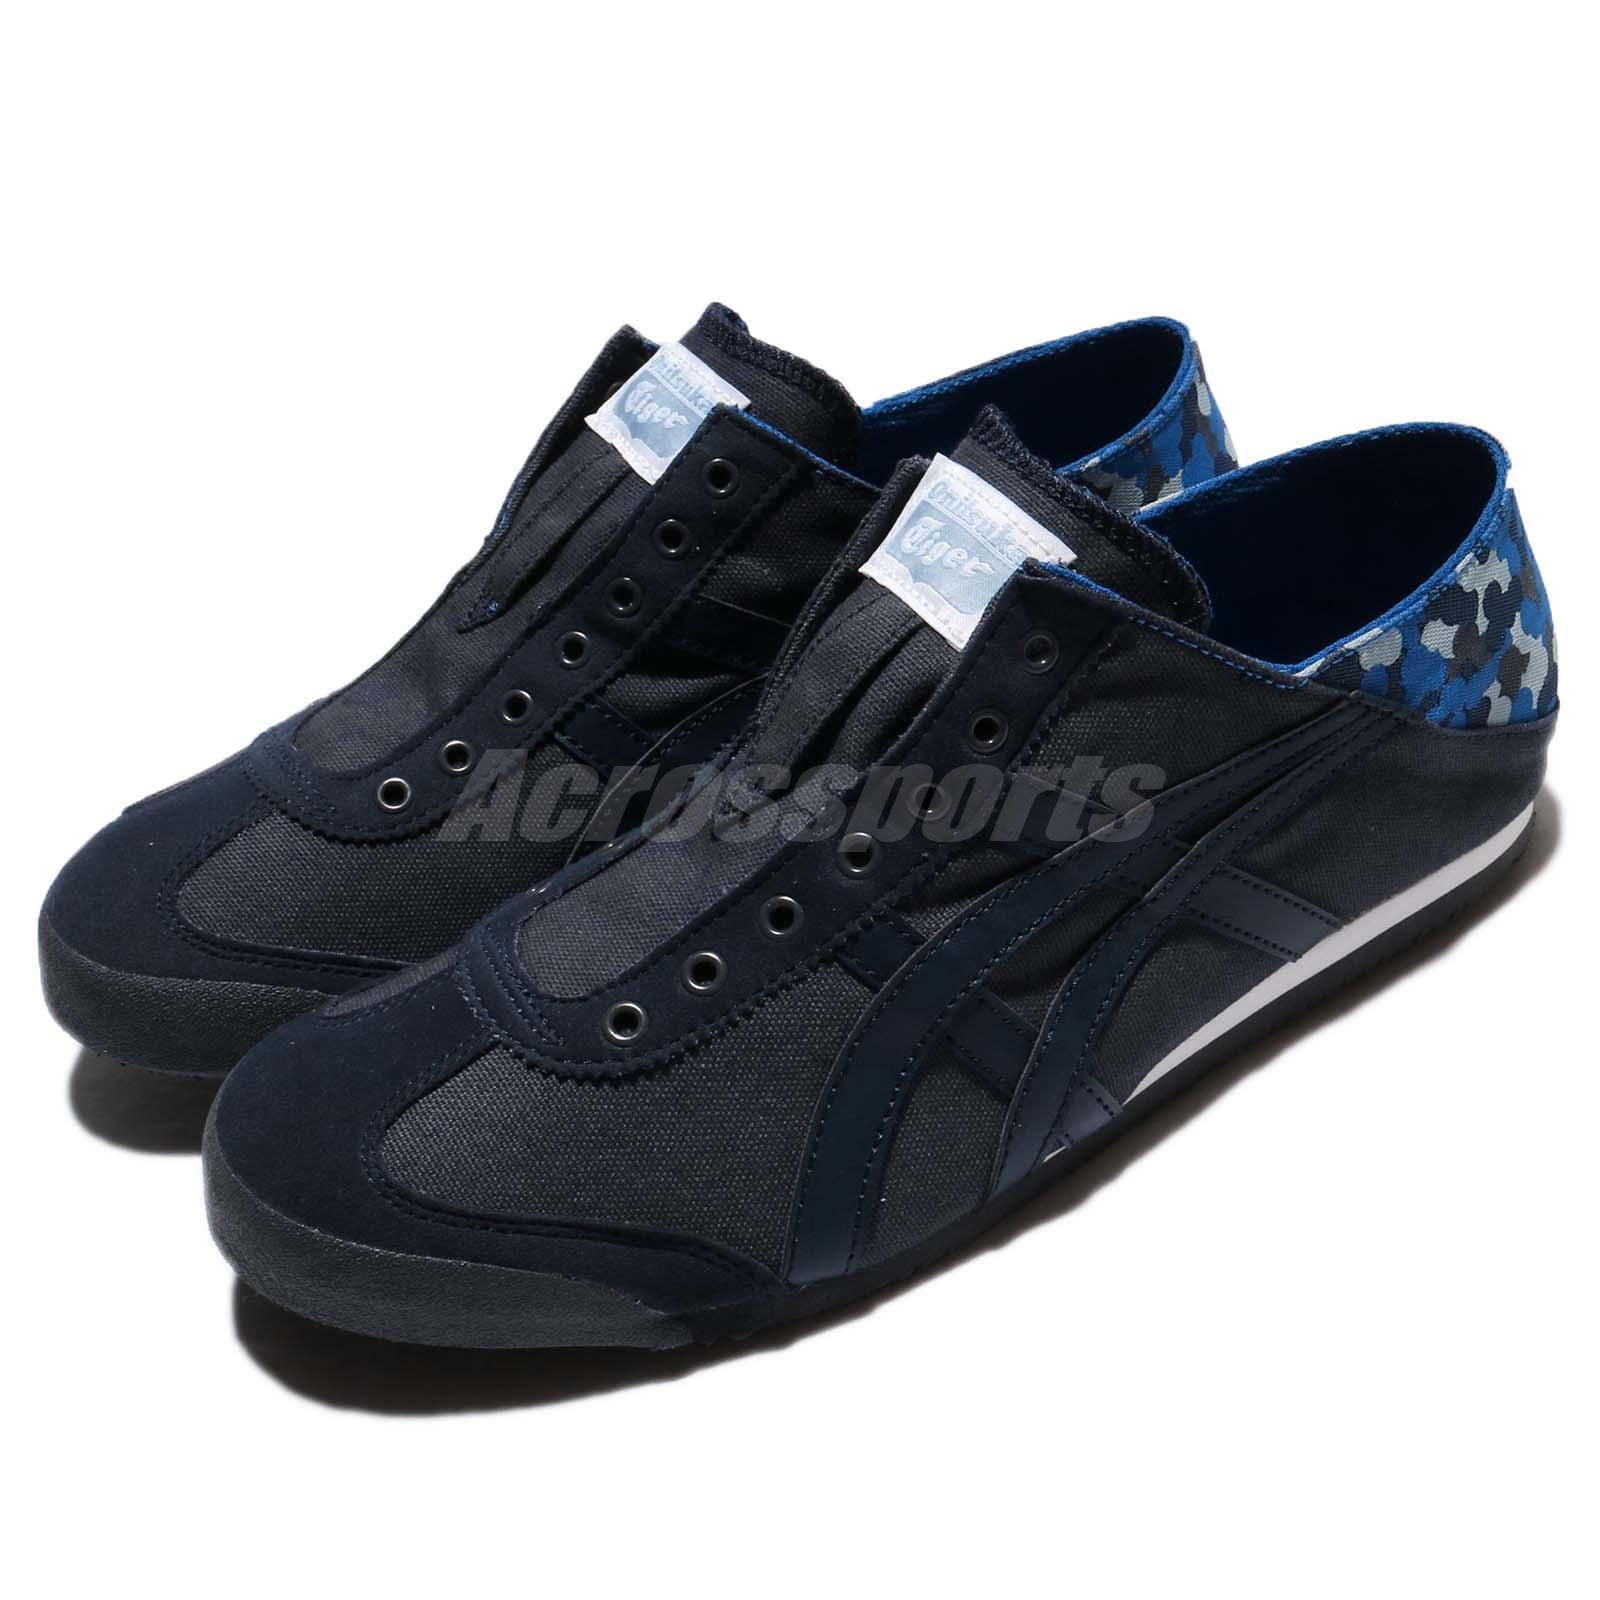 Asics Onitsuka Tiger Mexico 66 Paraty India Ink azul Canvas Men zapatos D7C1N-5858